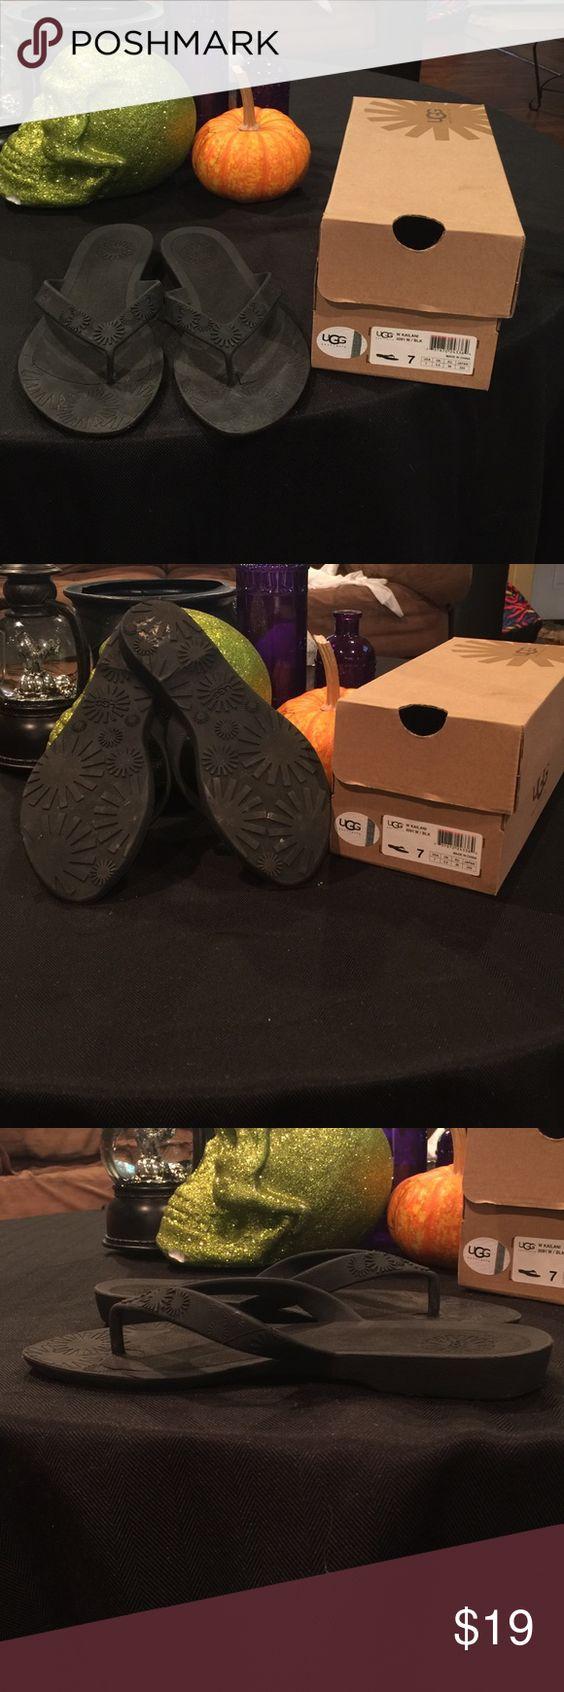 Ugg Australia Sandals Size 7 Comfy black Ugg Australia sandals Size 7 UGG Shoes Sandals